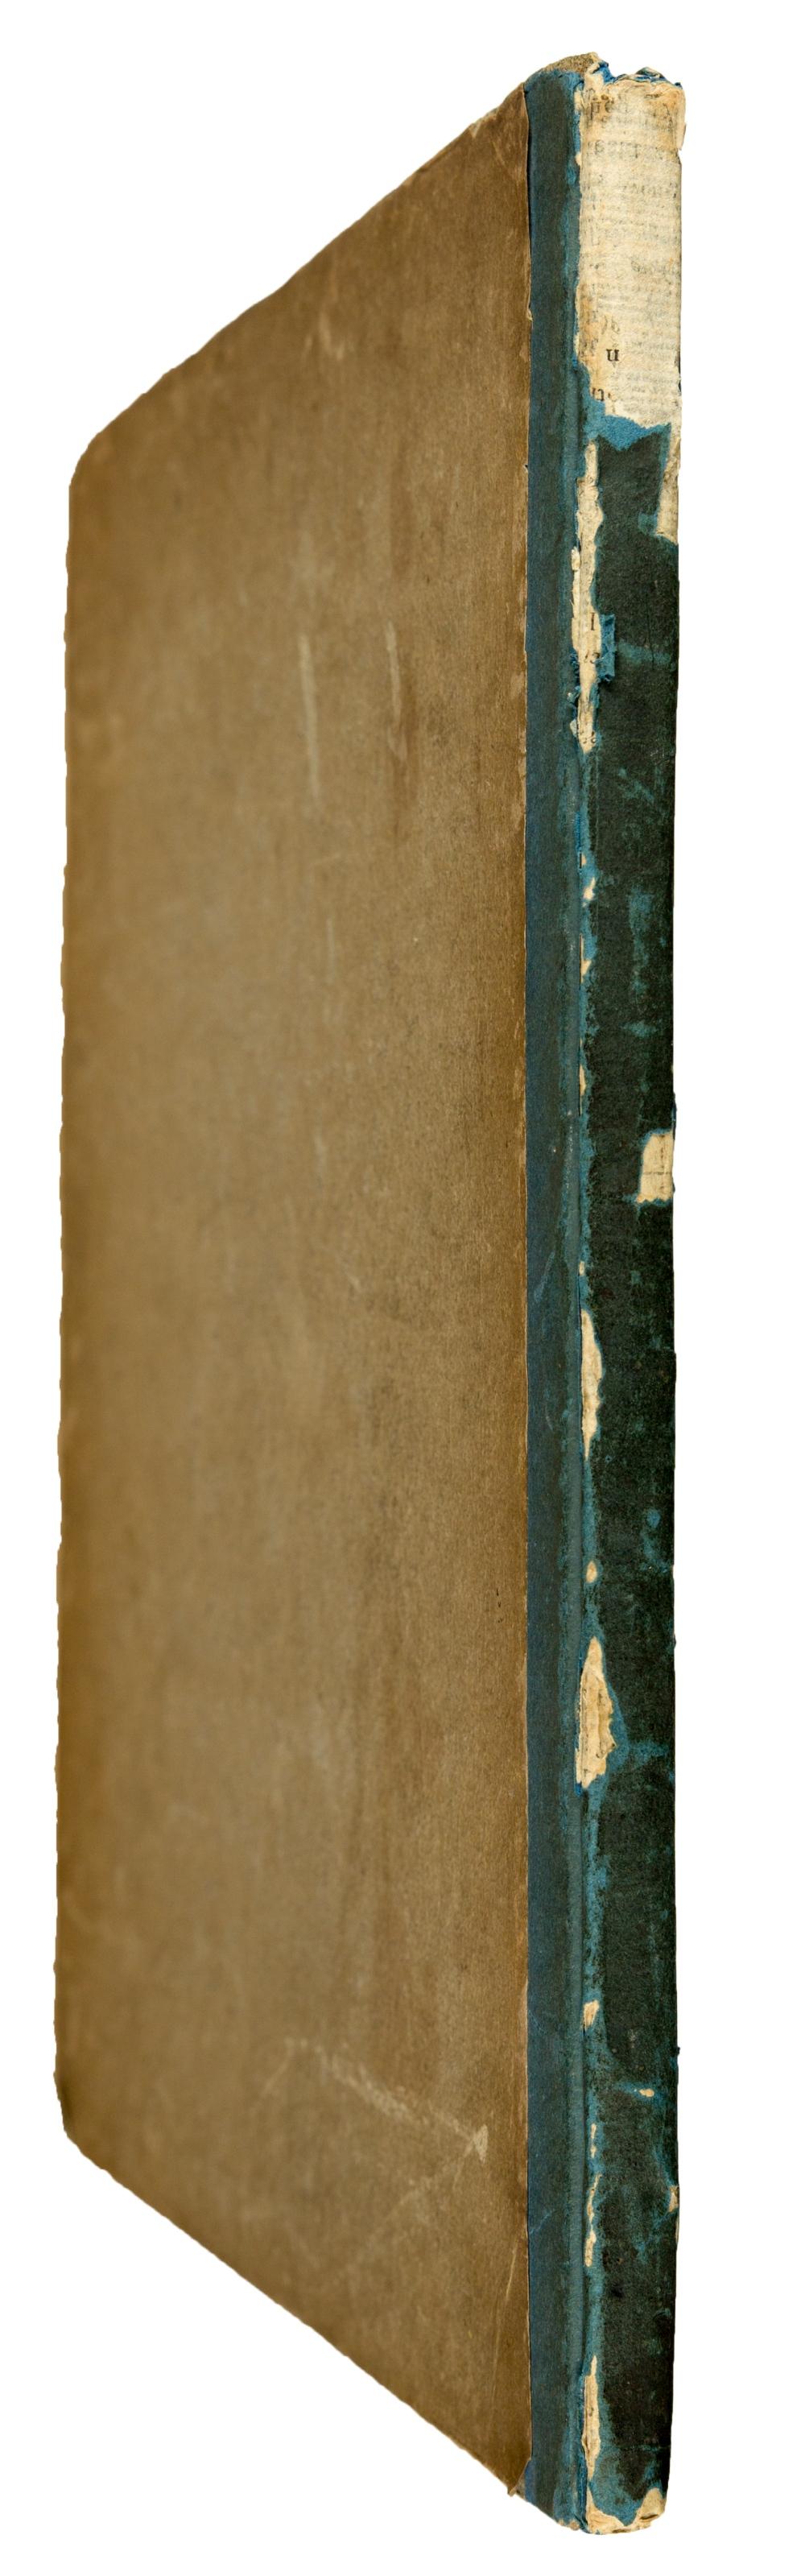 viaLibri ~ (1214496).....are Books from 1833